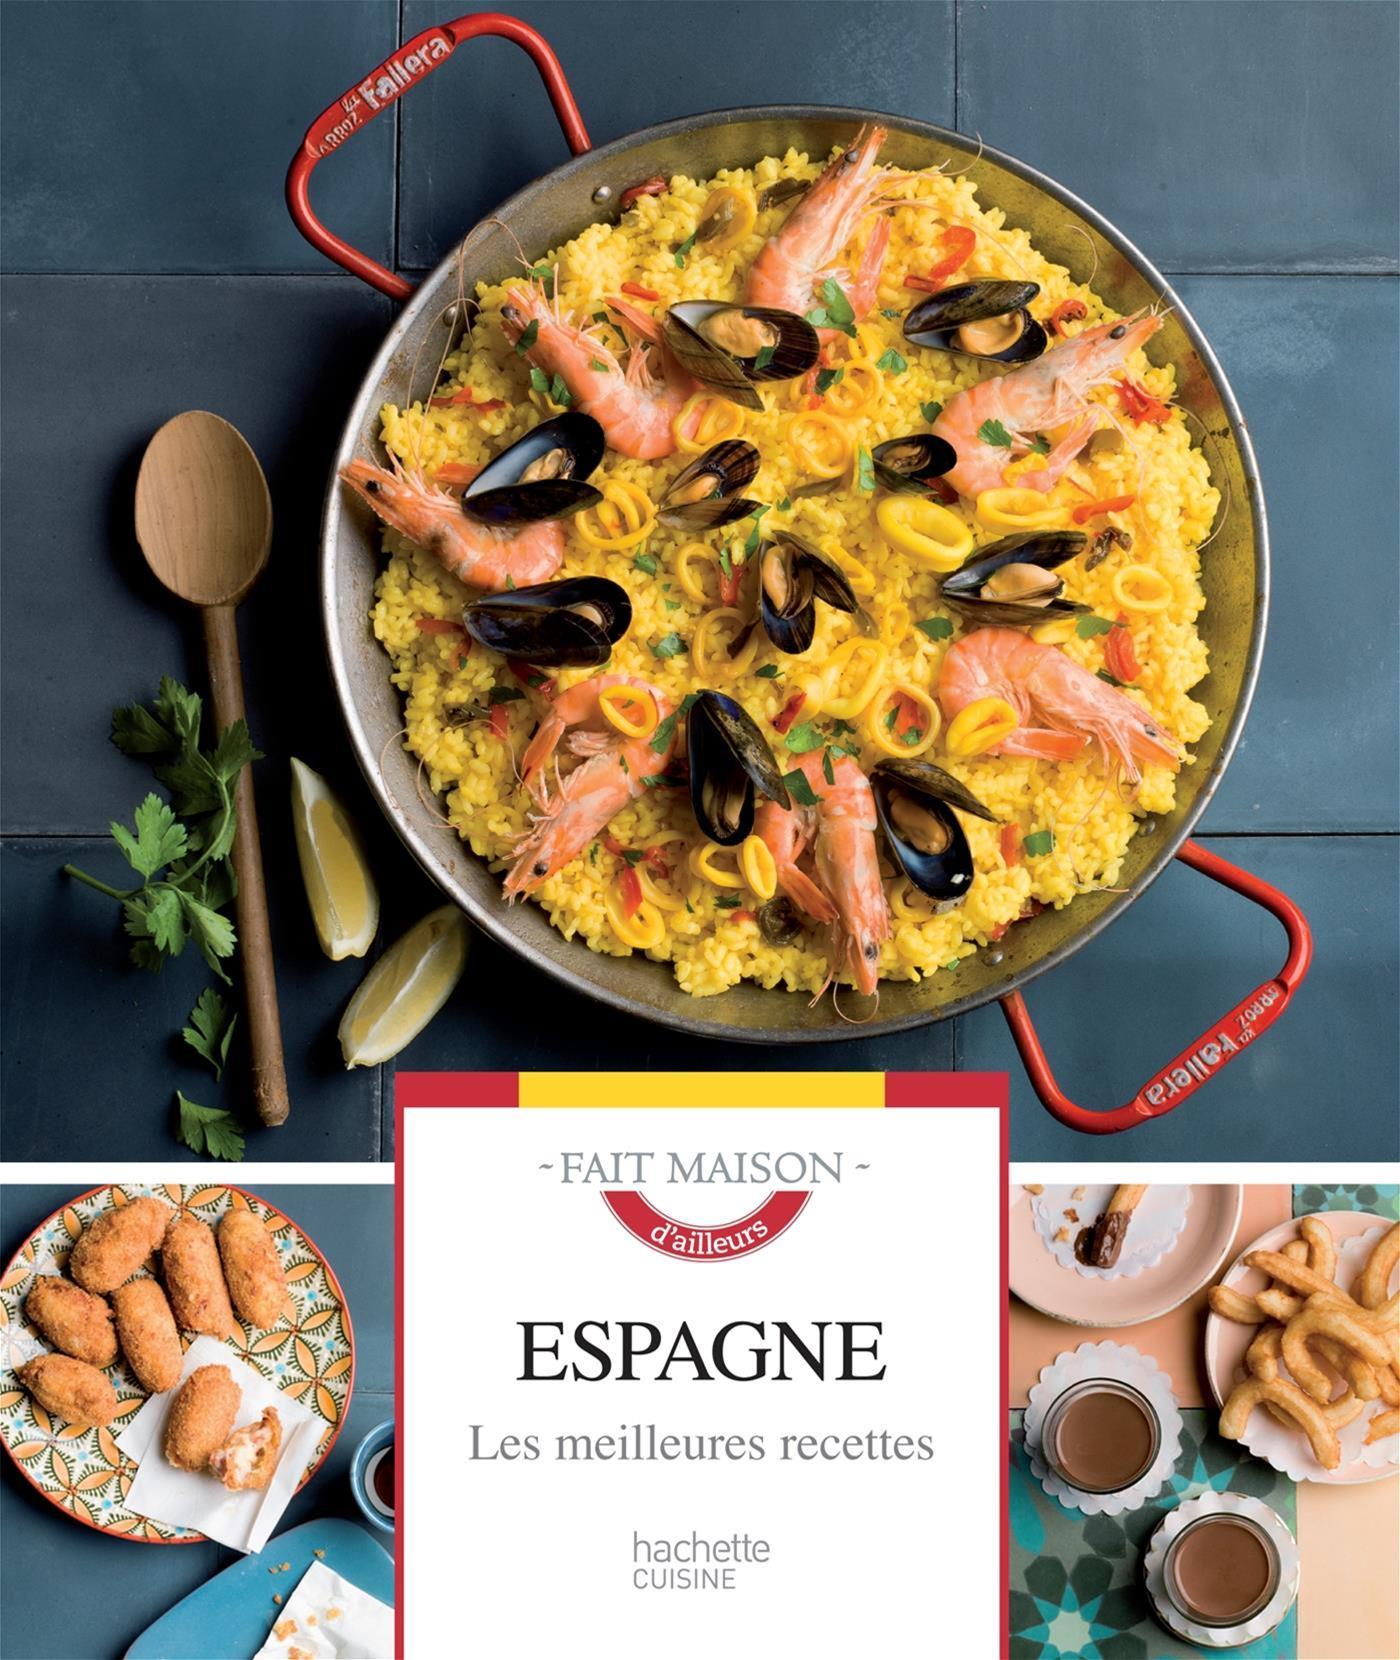 Livre Espagne Fait Maison Messageries Adp